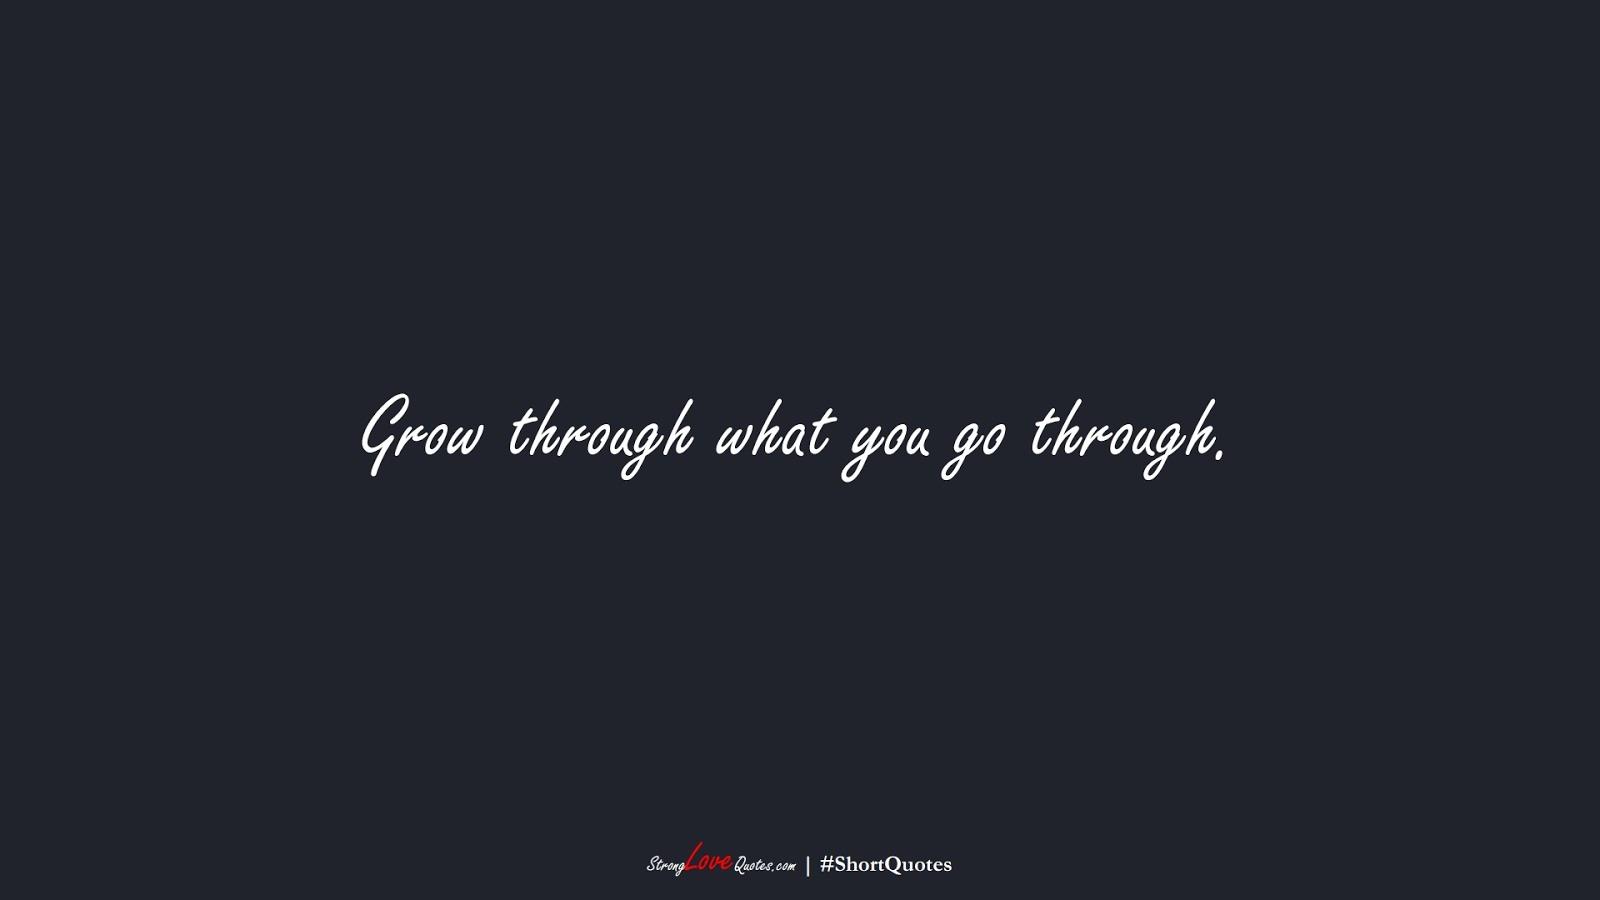 Grow through what you go through.FALSE